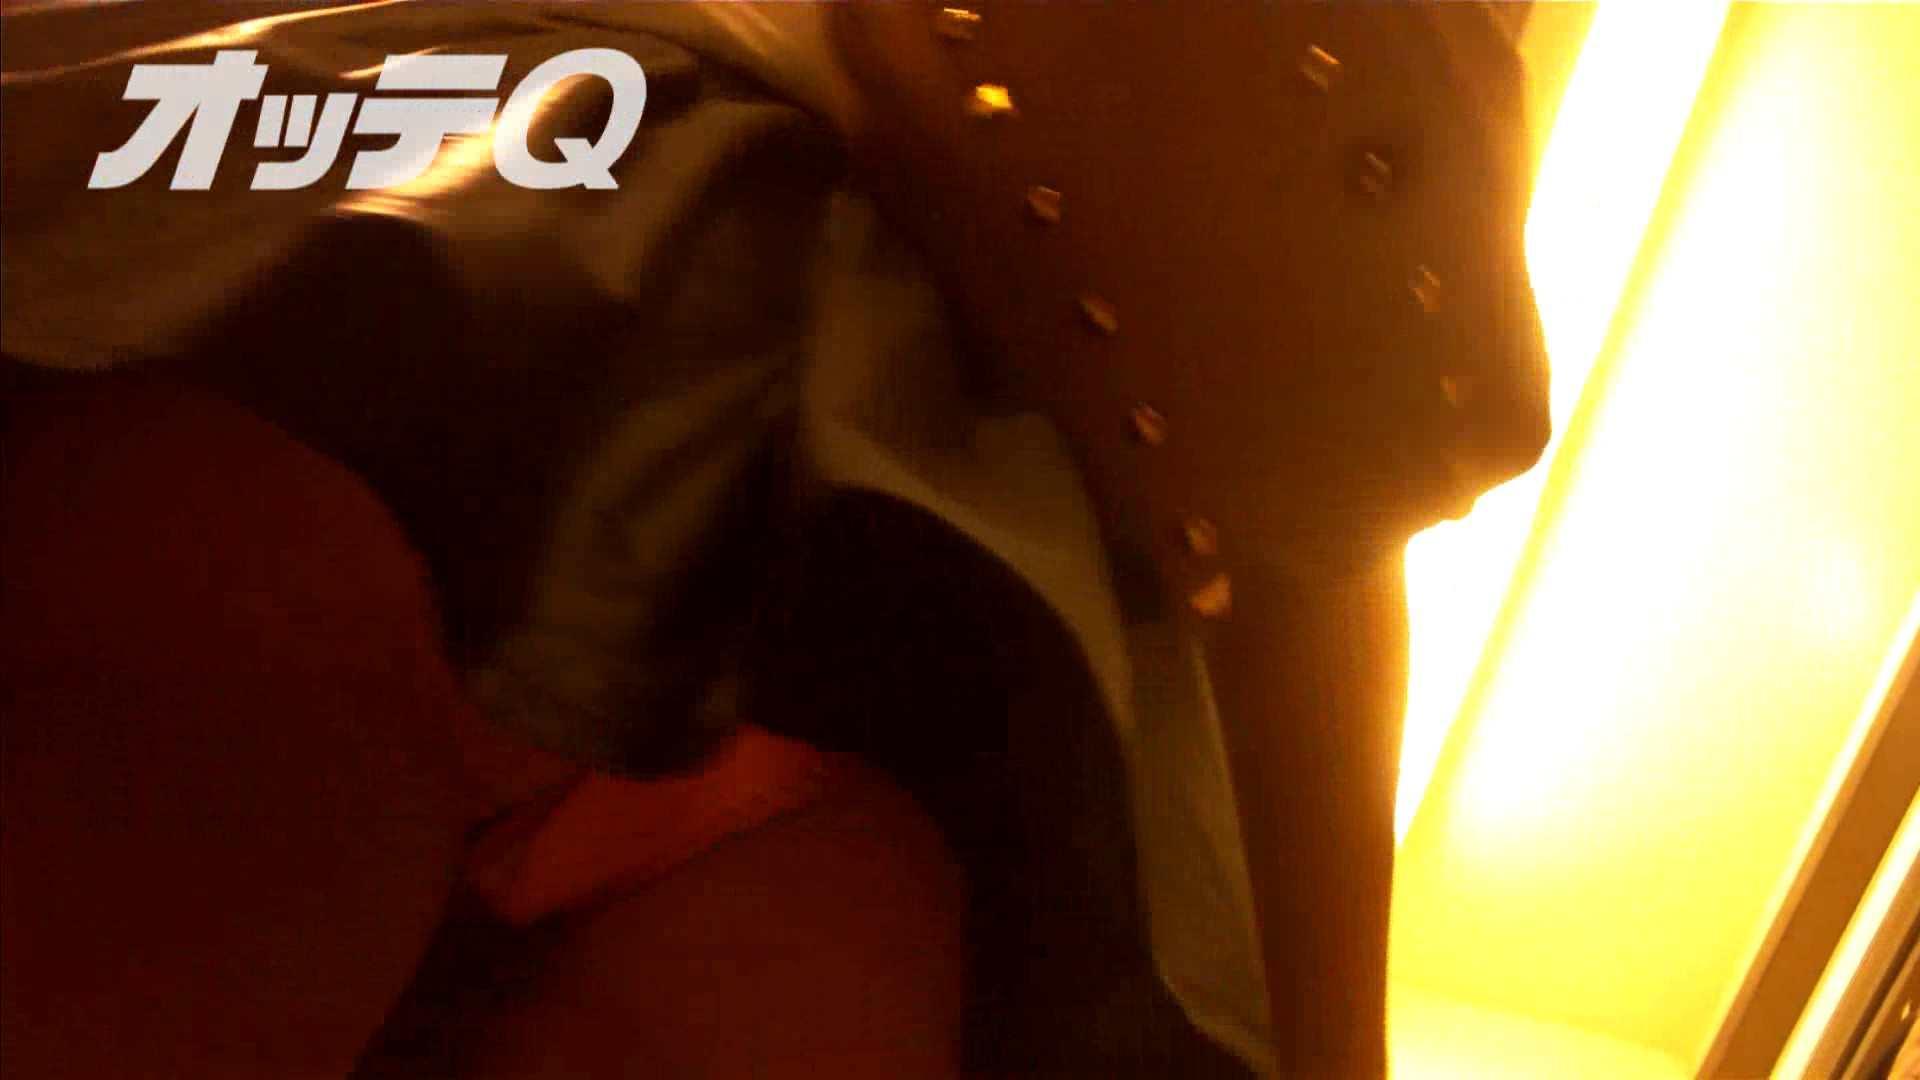 ハイビジョンパンチラ オッテQさんの追跡パンチラデパート編VOL.03 OLのエロ生活 われめAV動画紹介 111連発 32